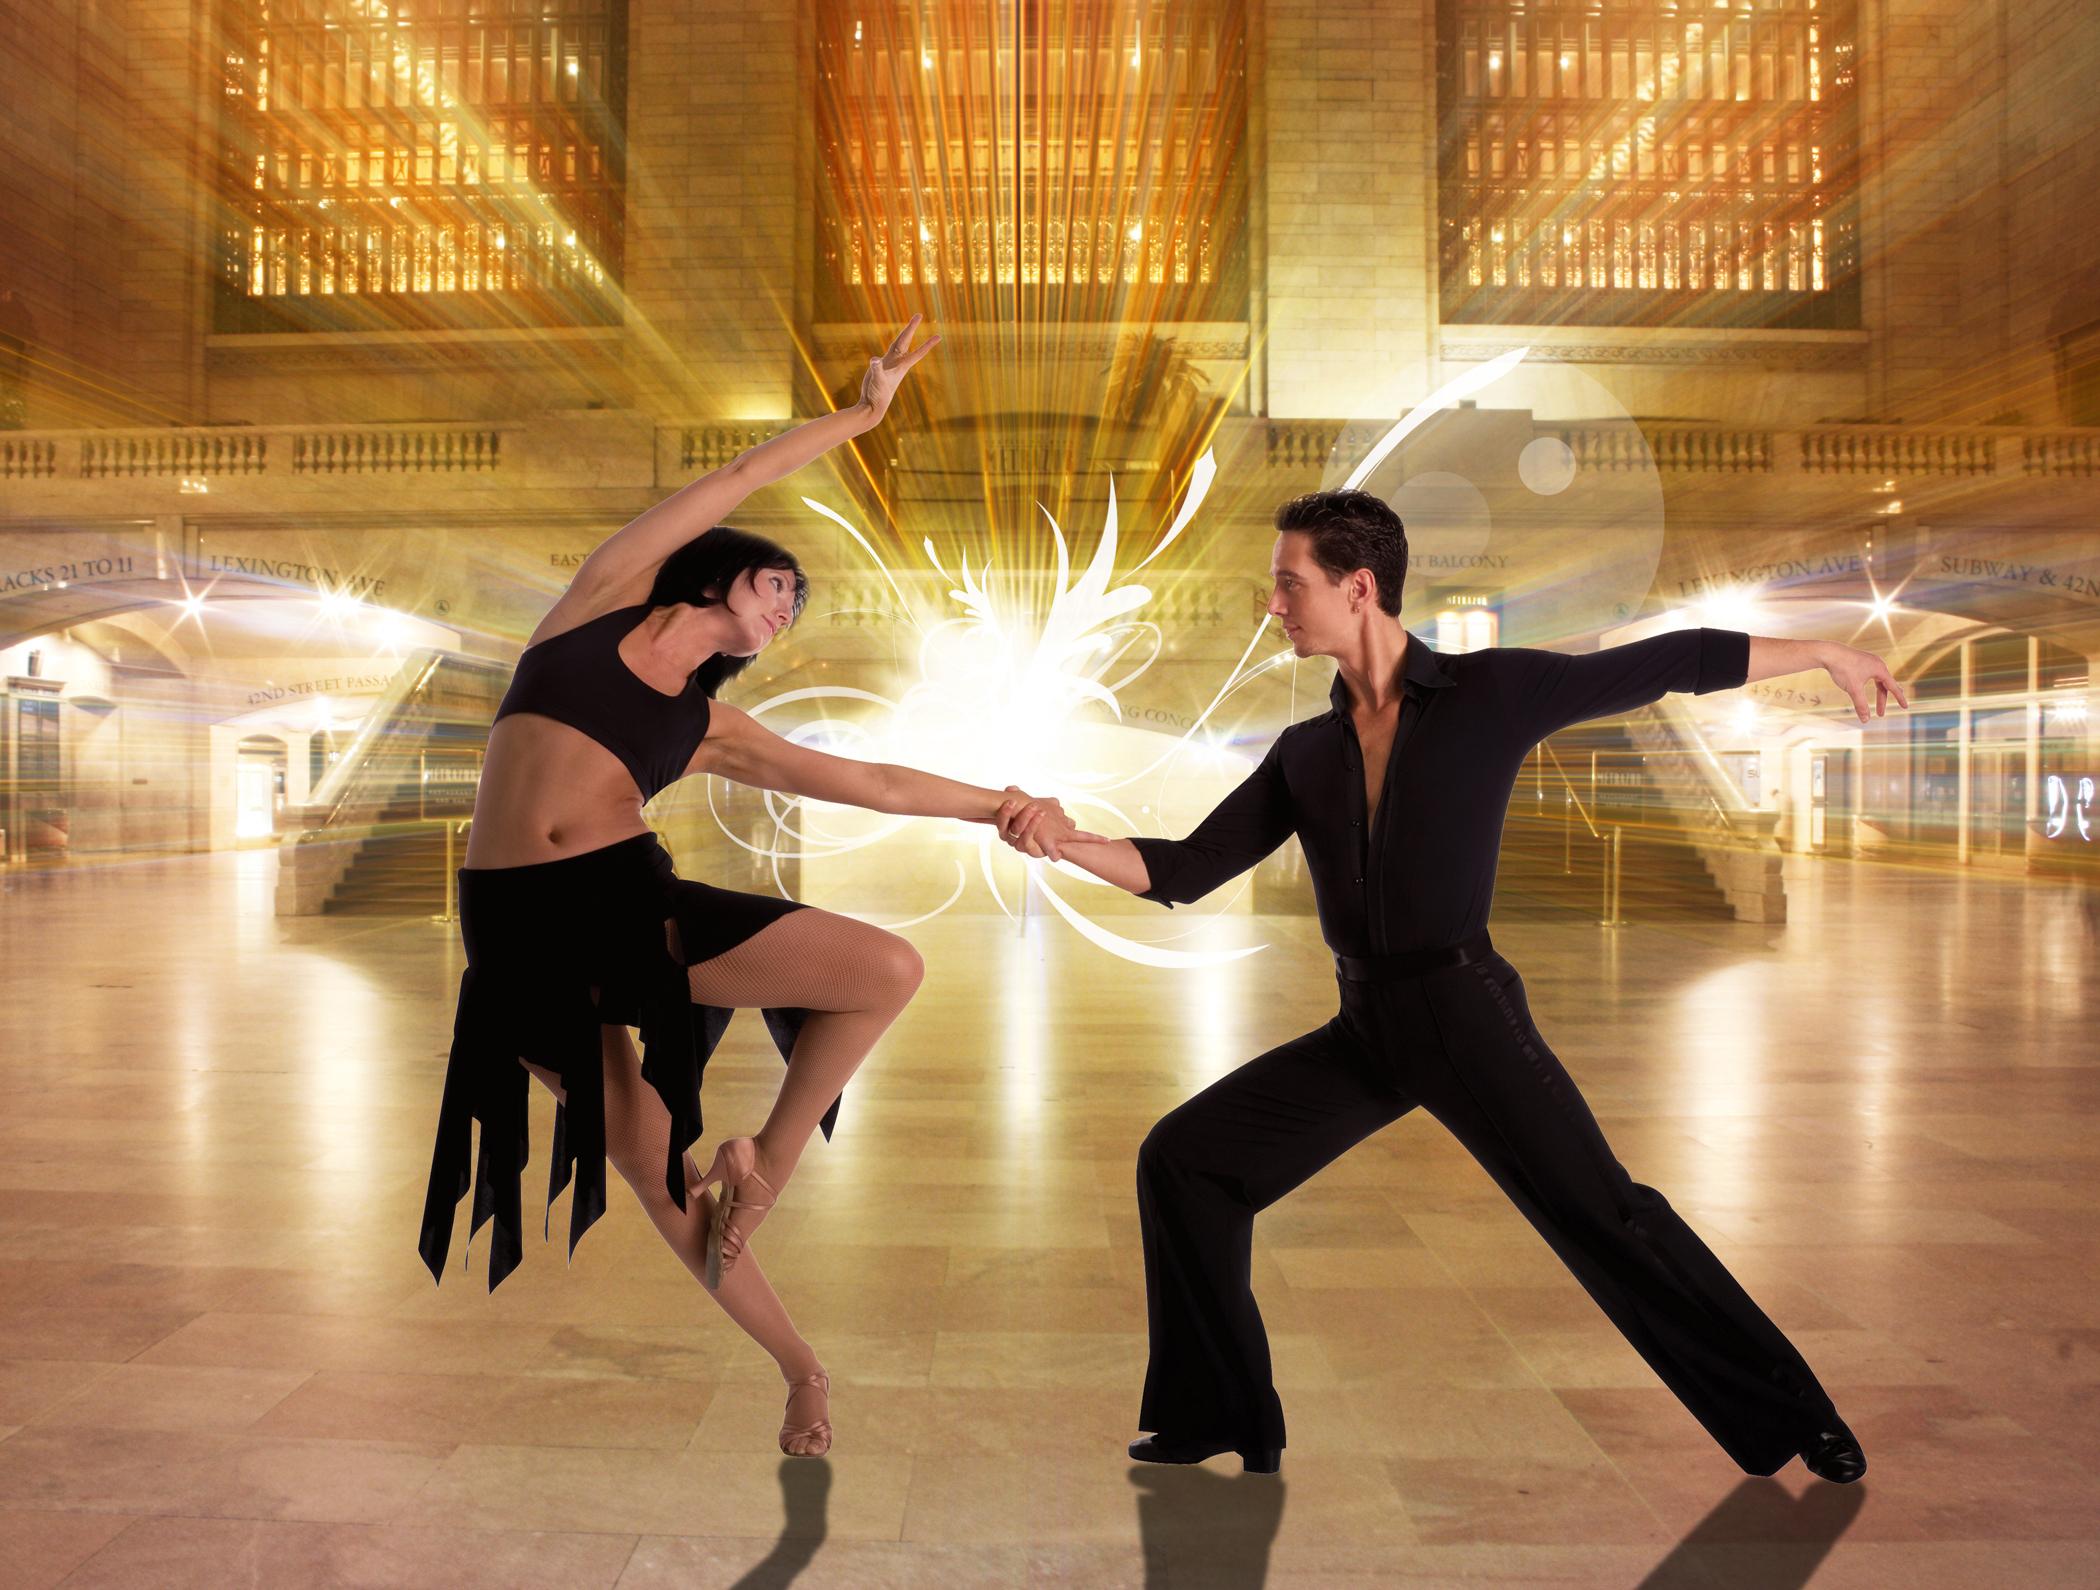 Занятия танцами, как способ поддержания фигуры, для любителей поесть